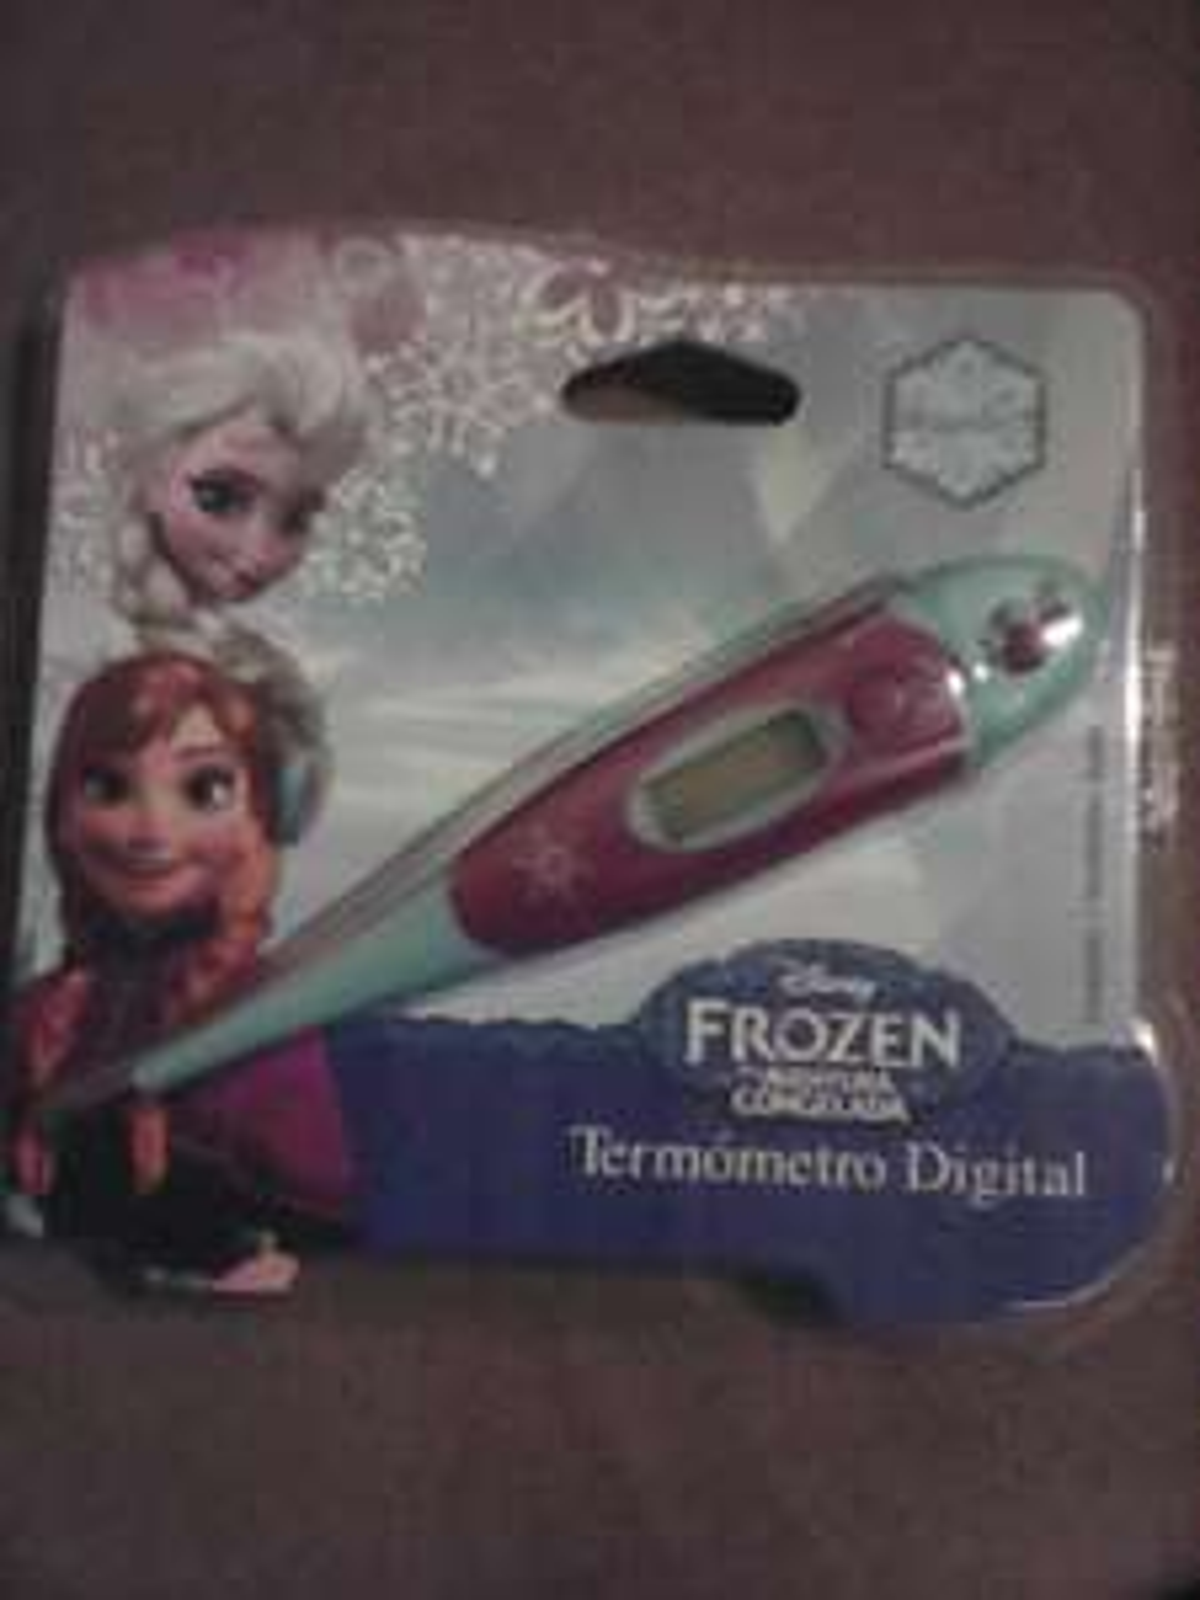 Walmart: Termómetro Frozen a $10.01